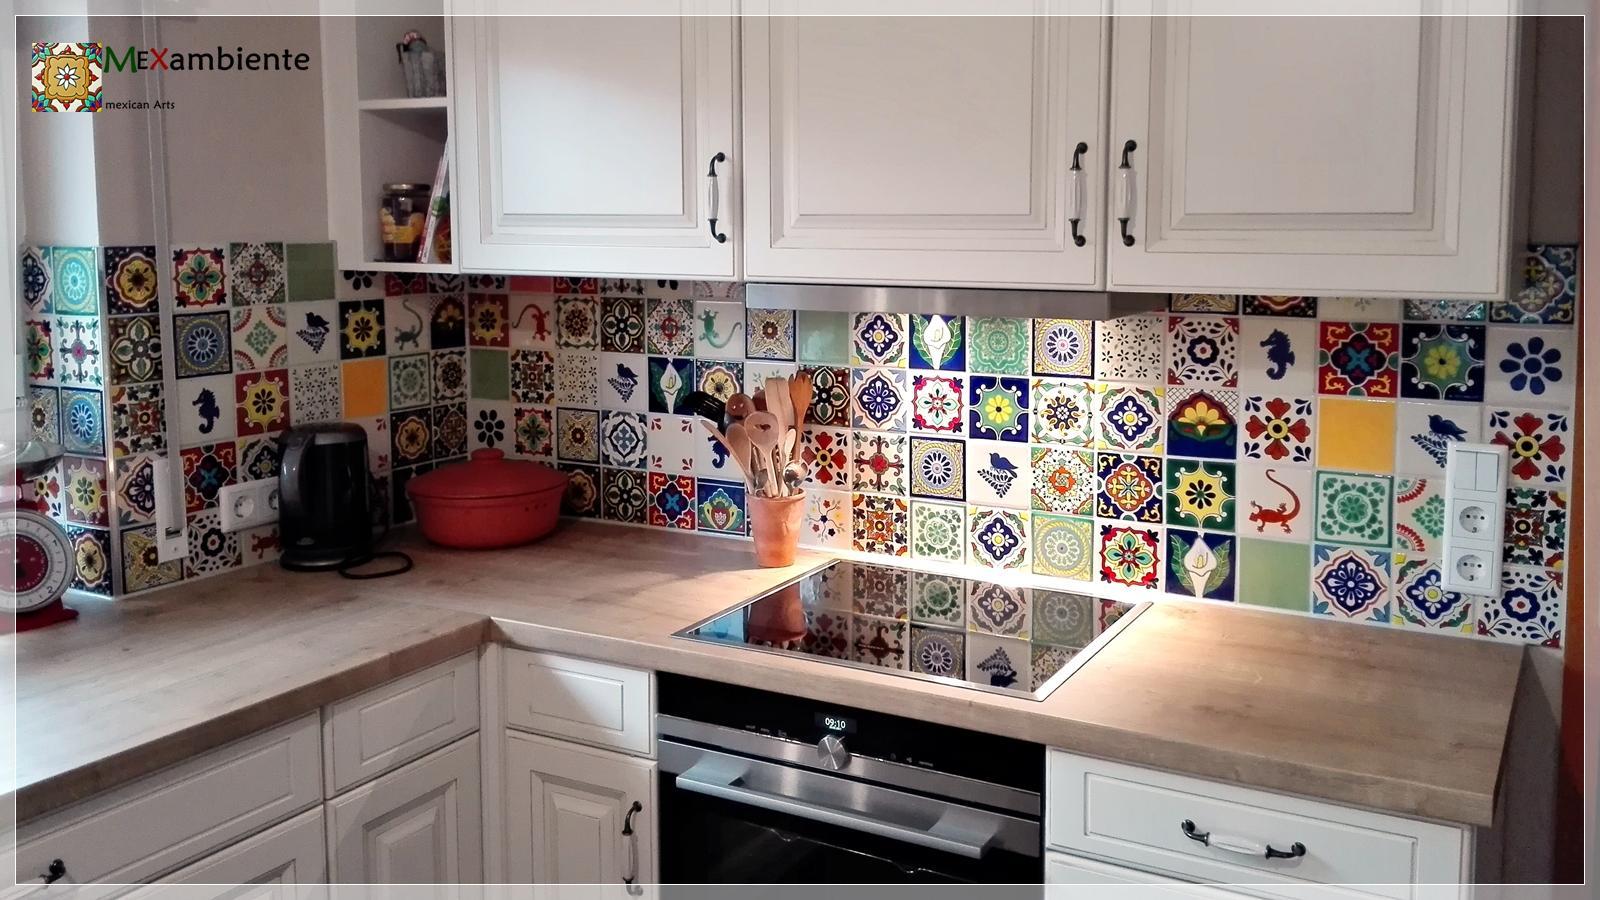 Full Size of Bodenfliesen Küche Kaufen Mit Elektrogeräten Gebrauchte Einbauküche Mischbatterie Edelstahlküche Gebraucht Modulküche L Form Weiss Hochglanz Holzbrett Wohnzimmer Fliesenspiegel Küche